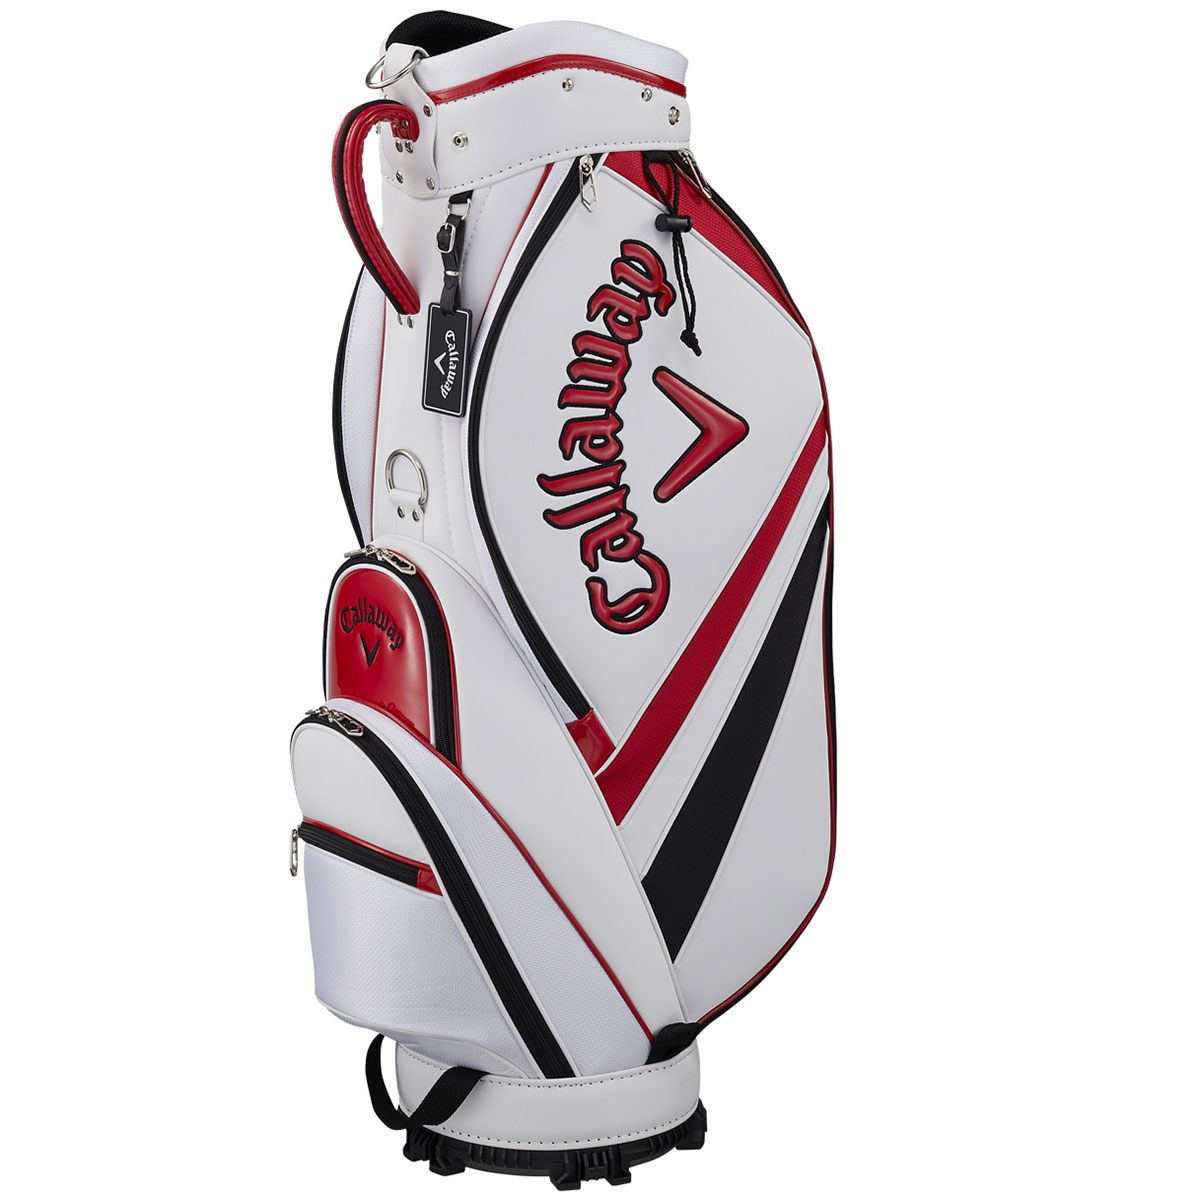 キャロウェイゴルフ(Callaway Golf) CRT LIGHT キャディバッグ 18JM